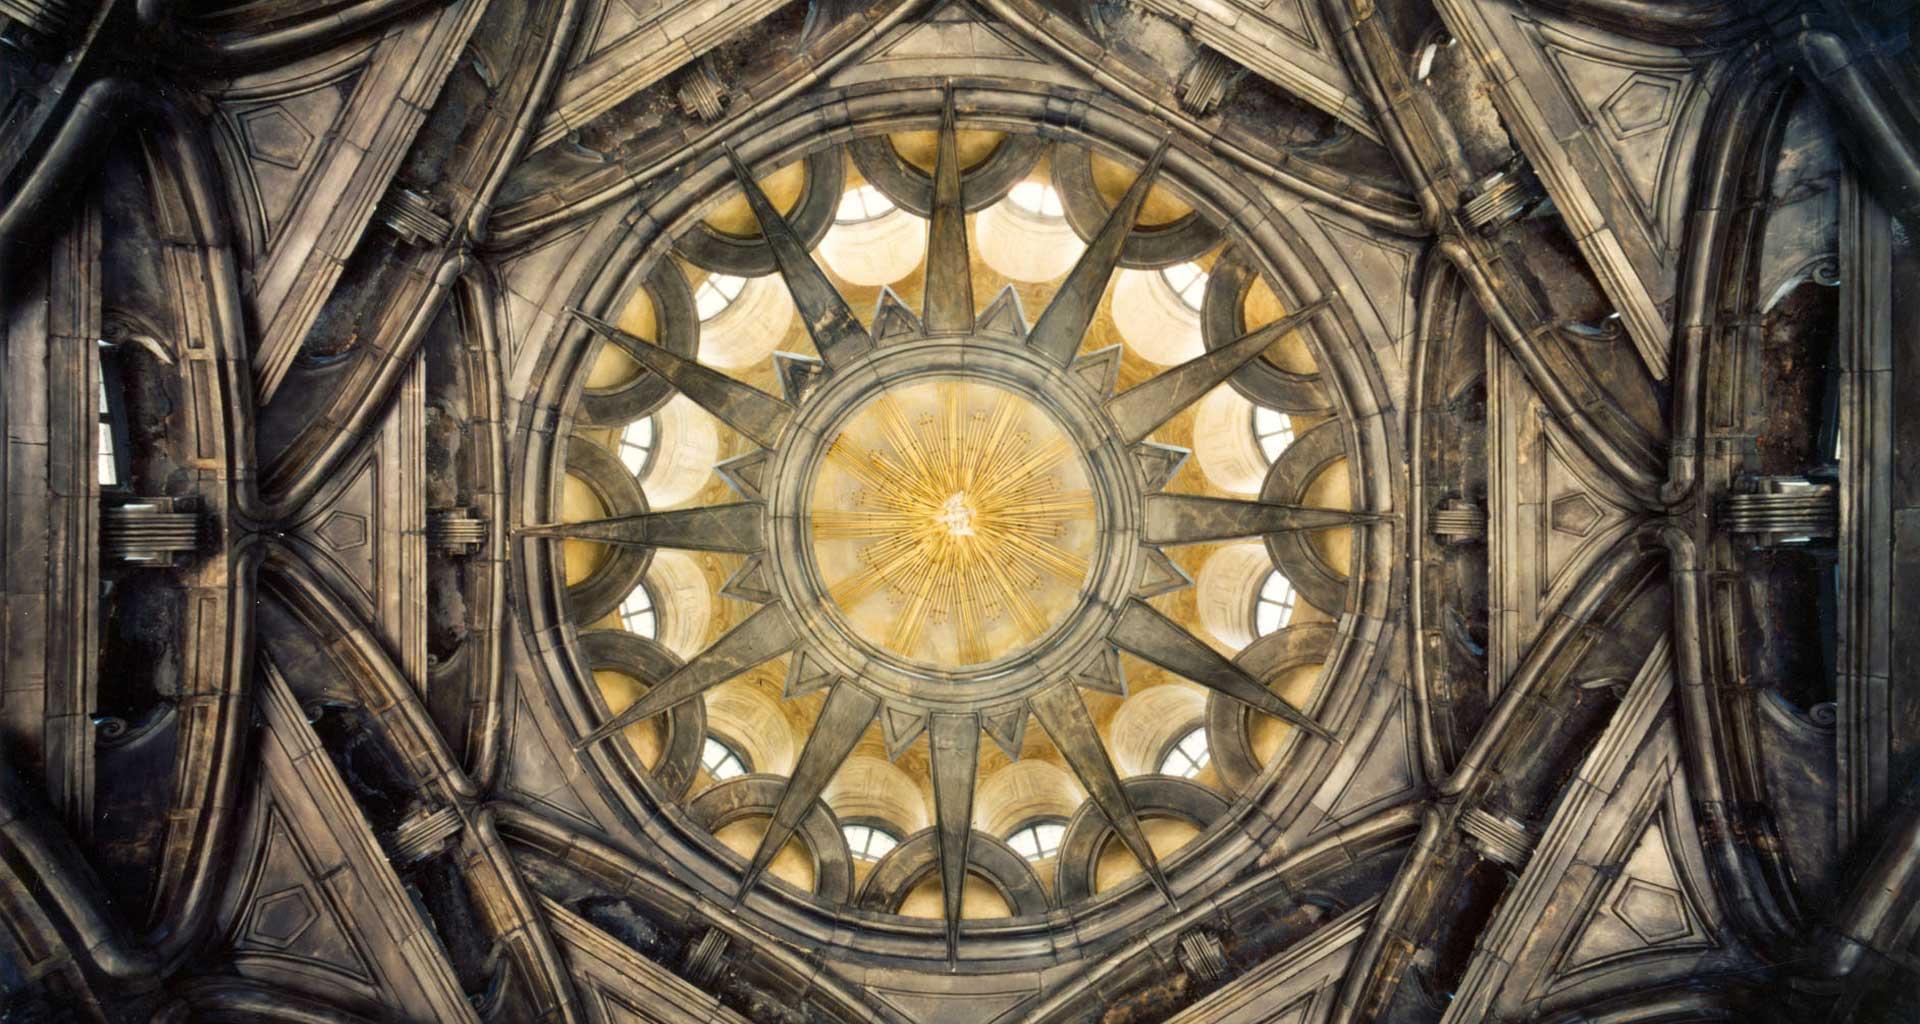 Musei Reali di Torino: incremento di visitatori nel 2019. Le mostre in programma nei prossimi mesi